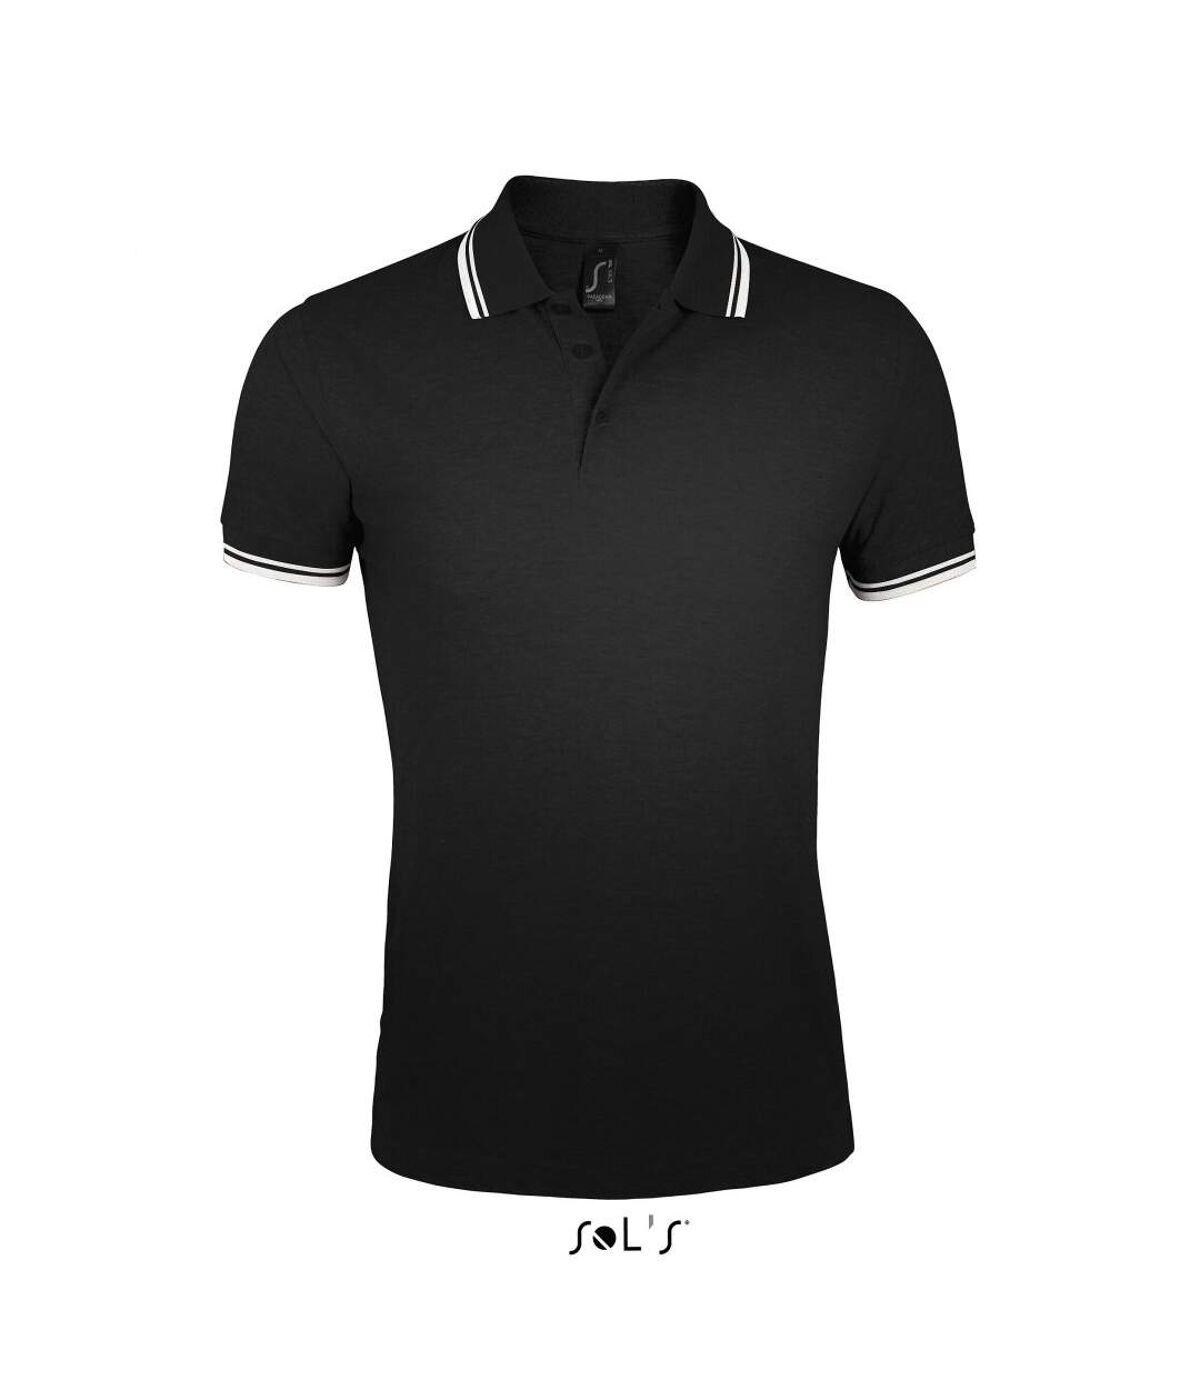 Polo homme coton - 00577 - noir et bande blanche